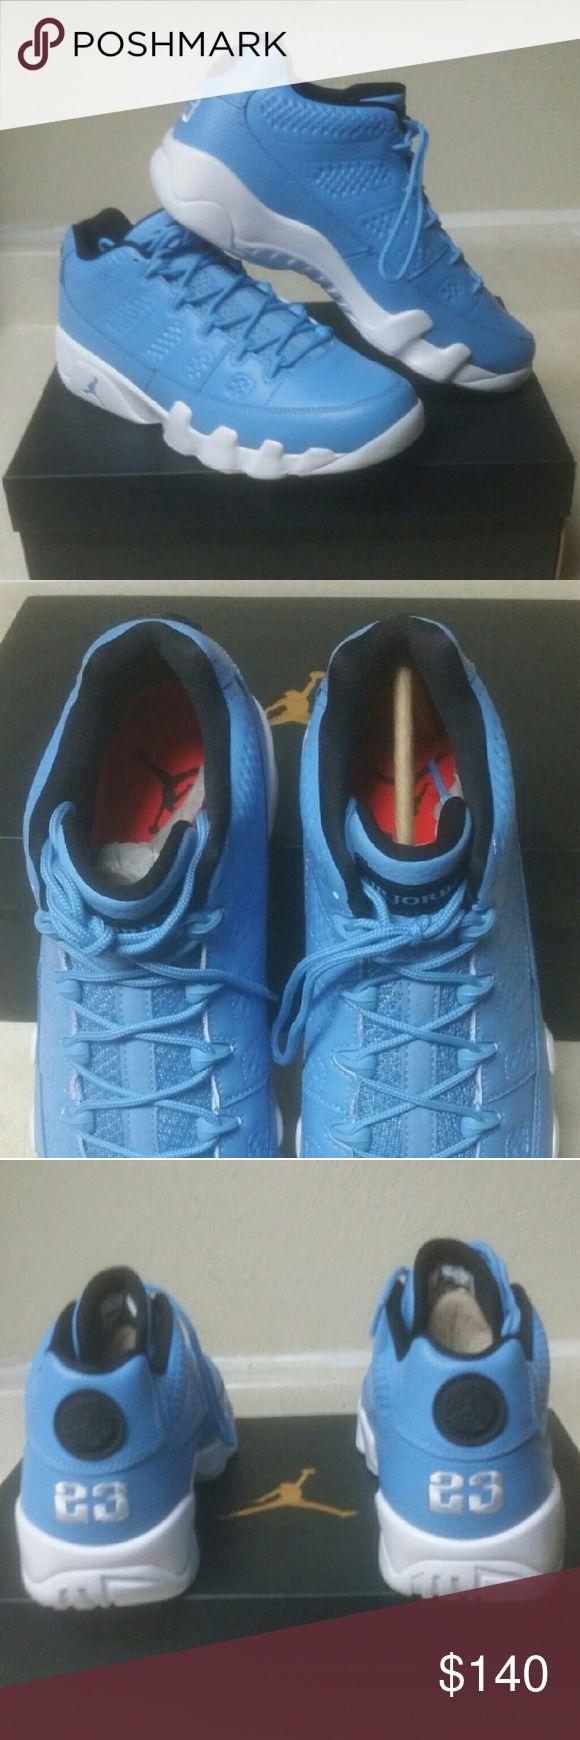 Jordan 9 low Panthone University Blue (S 8,9.5,&10 Air Jordan 9 low Panthone University Blue  100% authentic Jordan Shoes Athletic Shoes